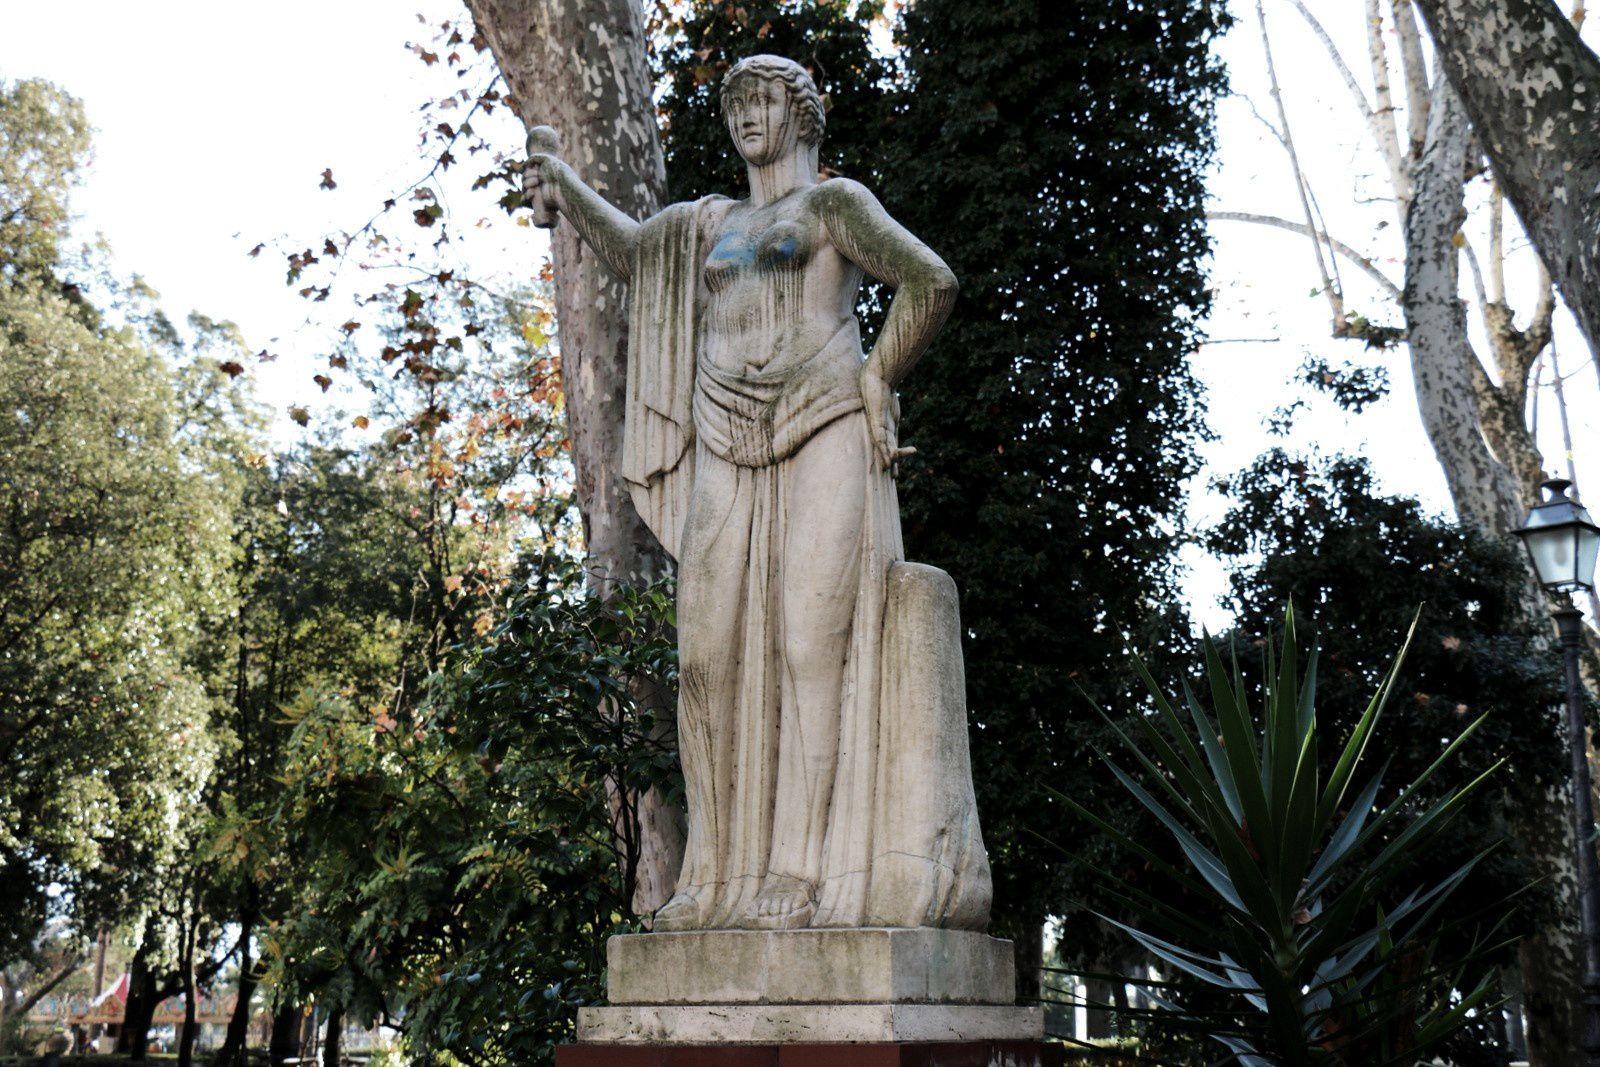 Espace vert à La Spezia, statue de femme